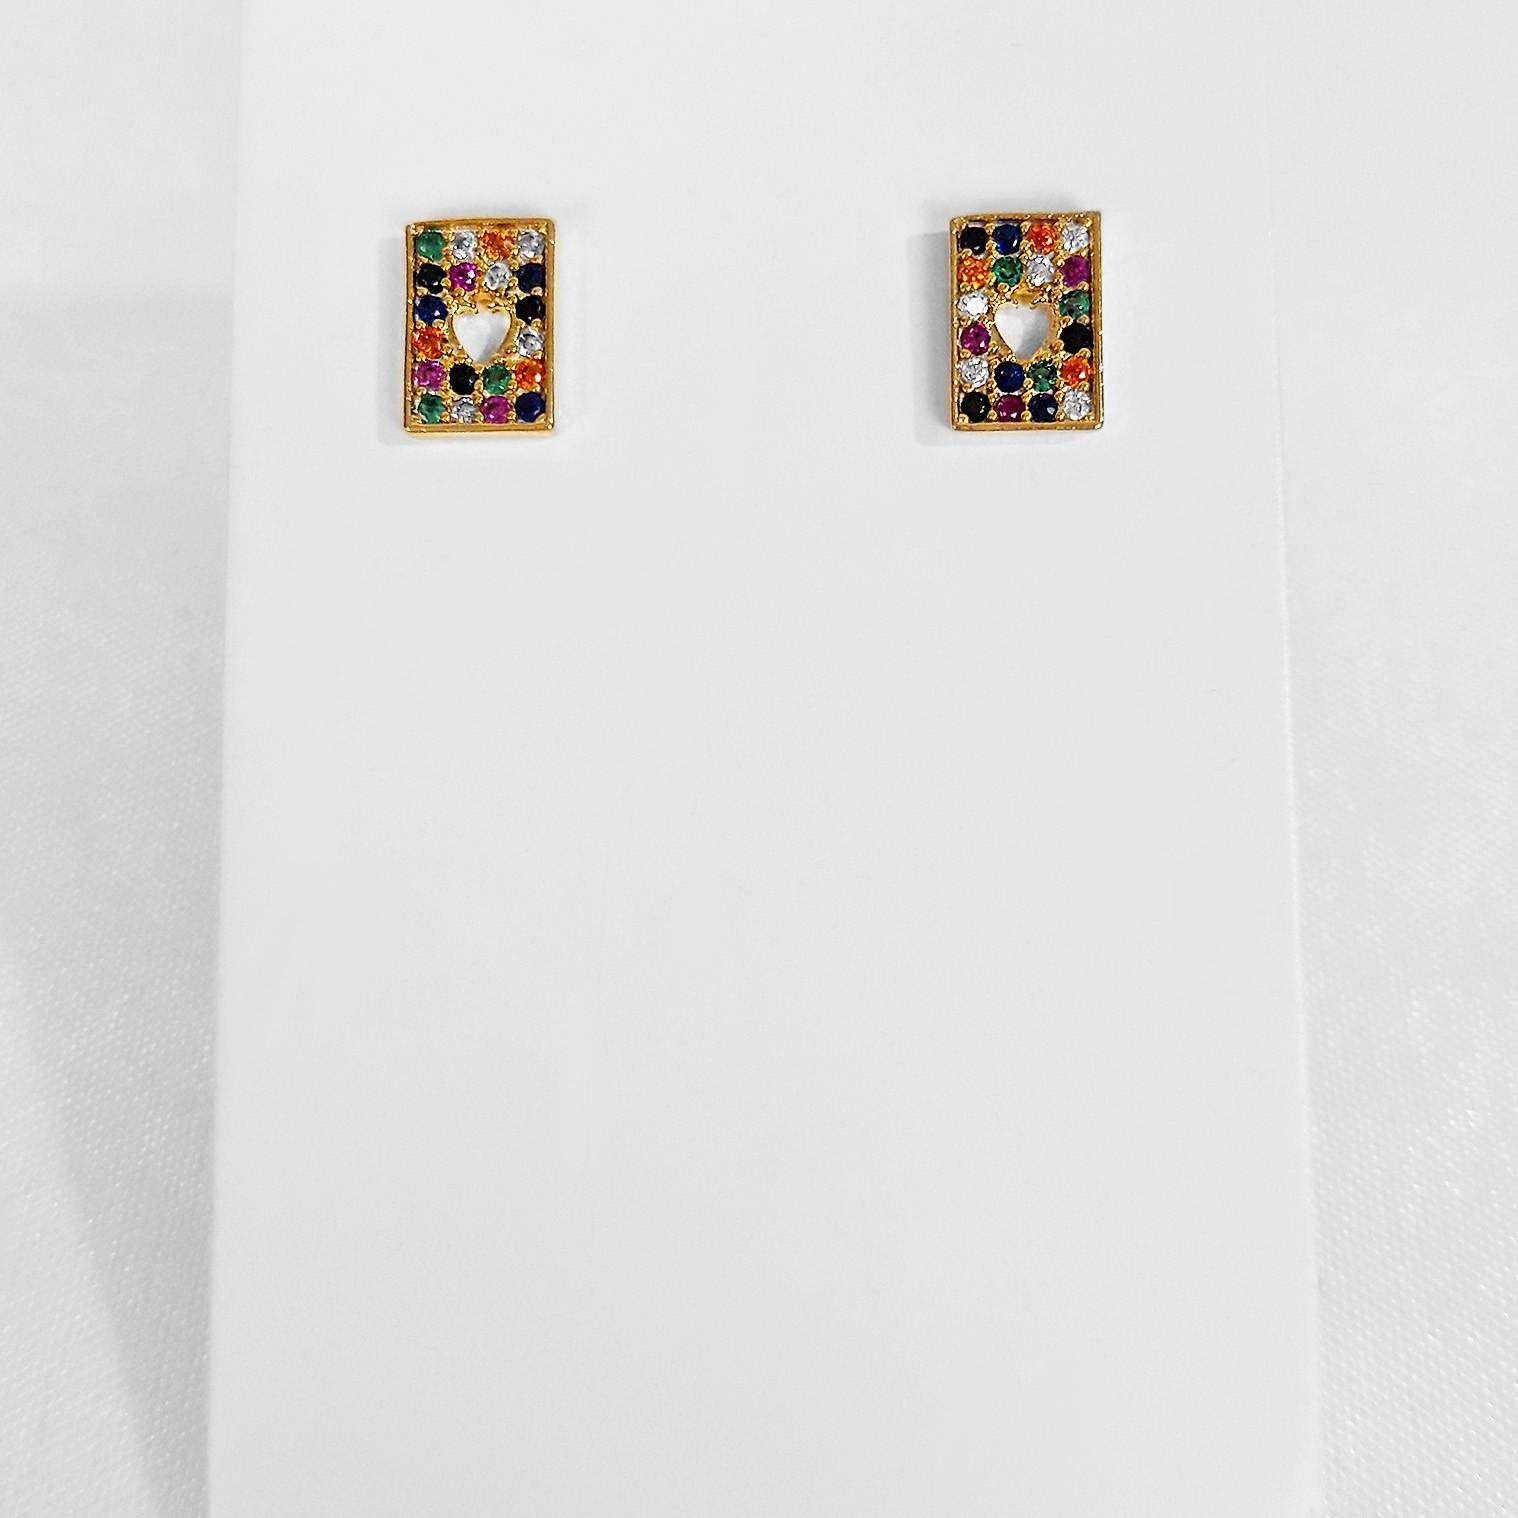 Brinco Pequeno Retangular Colorido Zircônia Folheado Ouro 18K